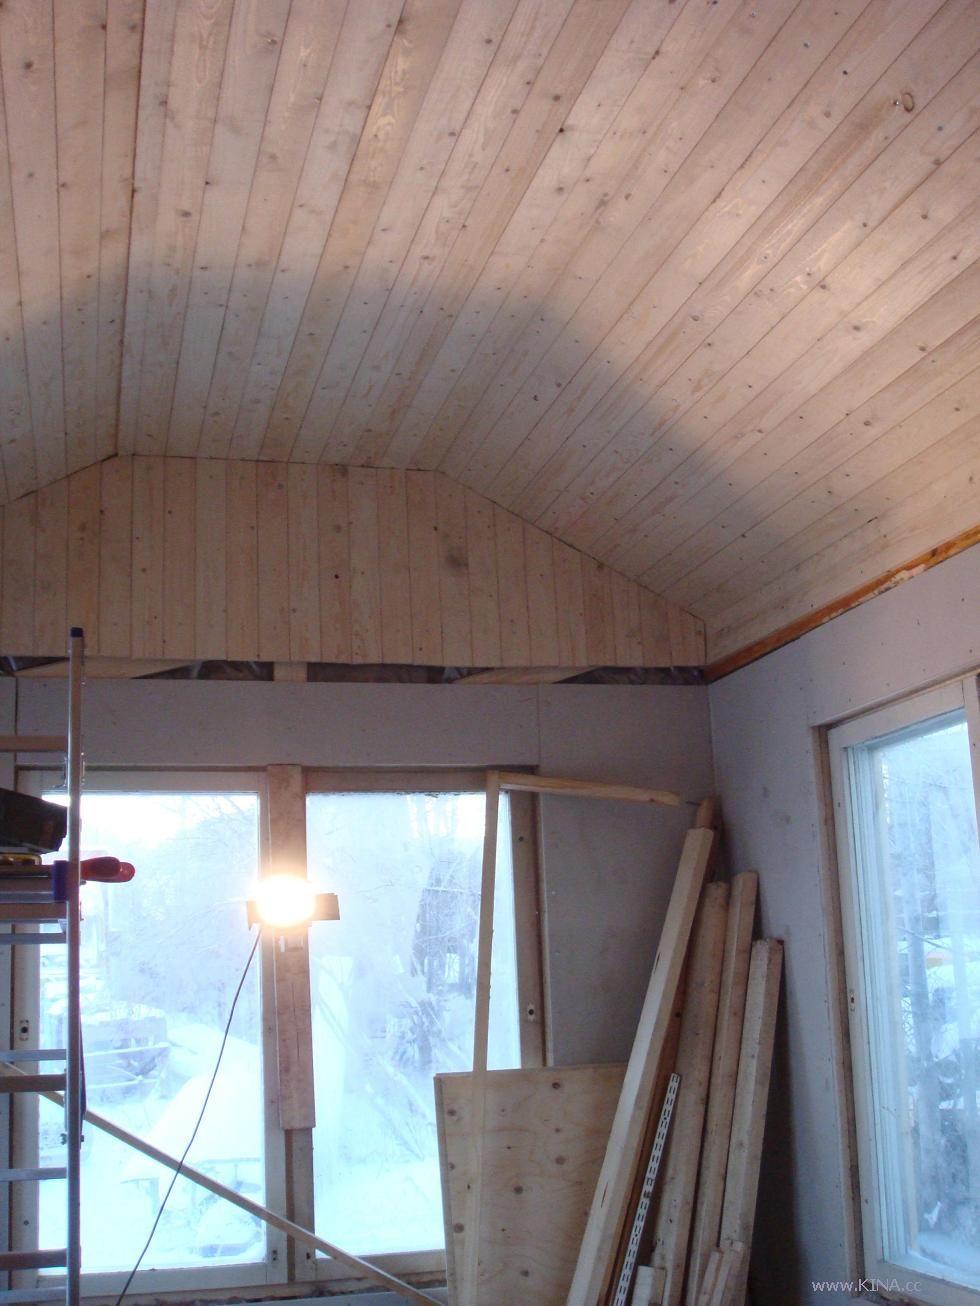 我在瑞典自己装修房子的血累史